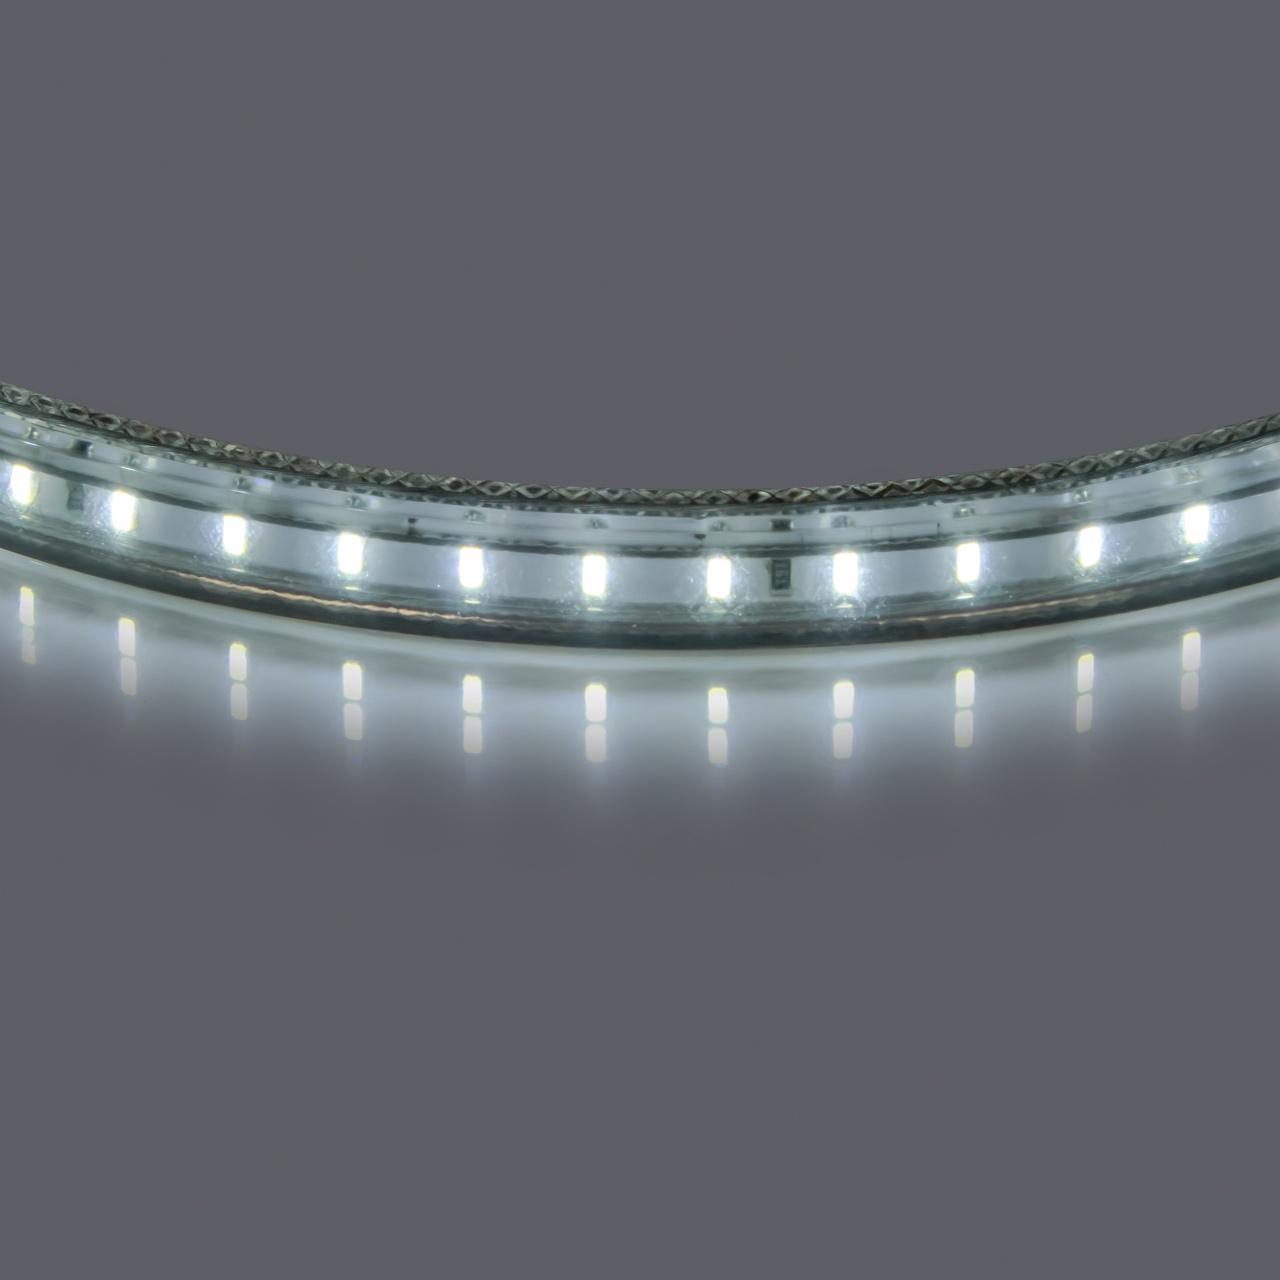 Лента 220V LED 4200-4500K нейтральный белый цвет Lightstar 402034